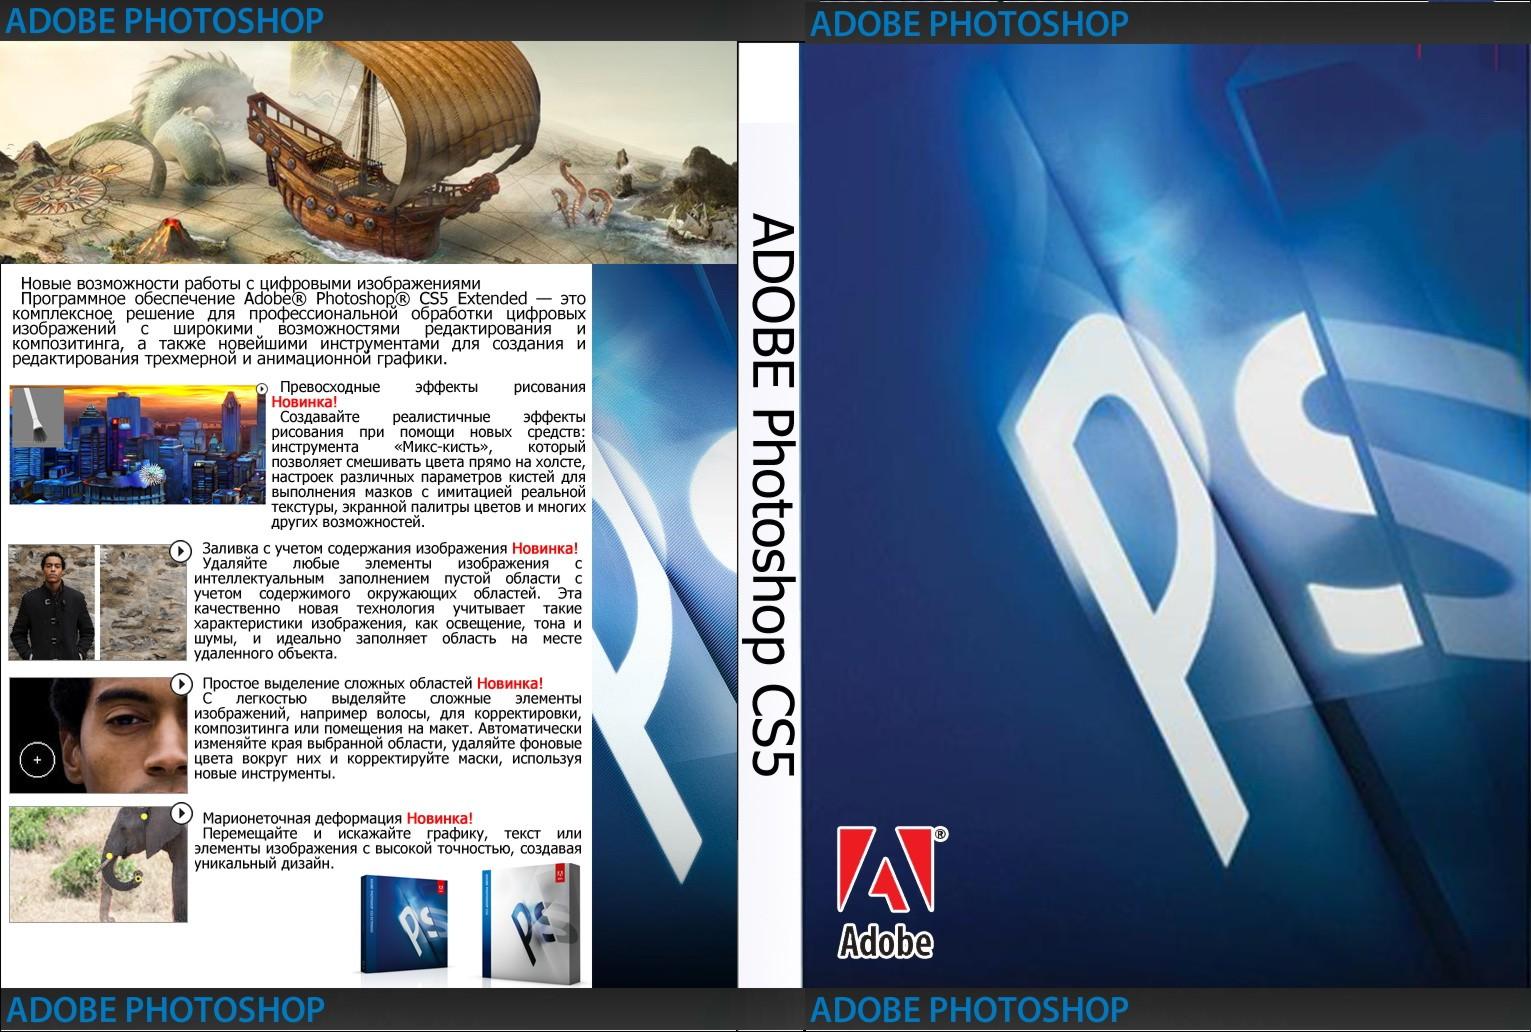 Кряк для Photoshop CS5 - Каталог файлов. Скачать фотошоп бесплатно cs